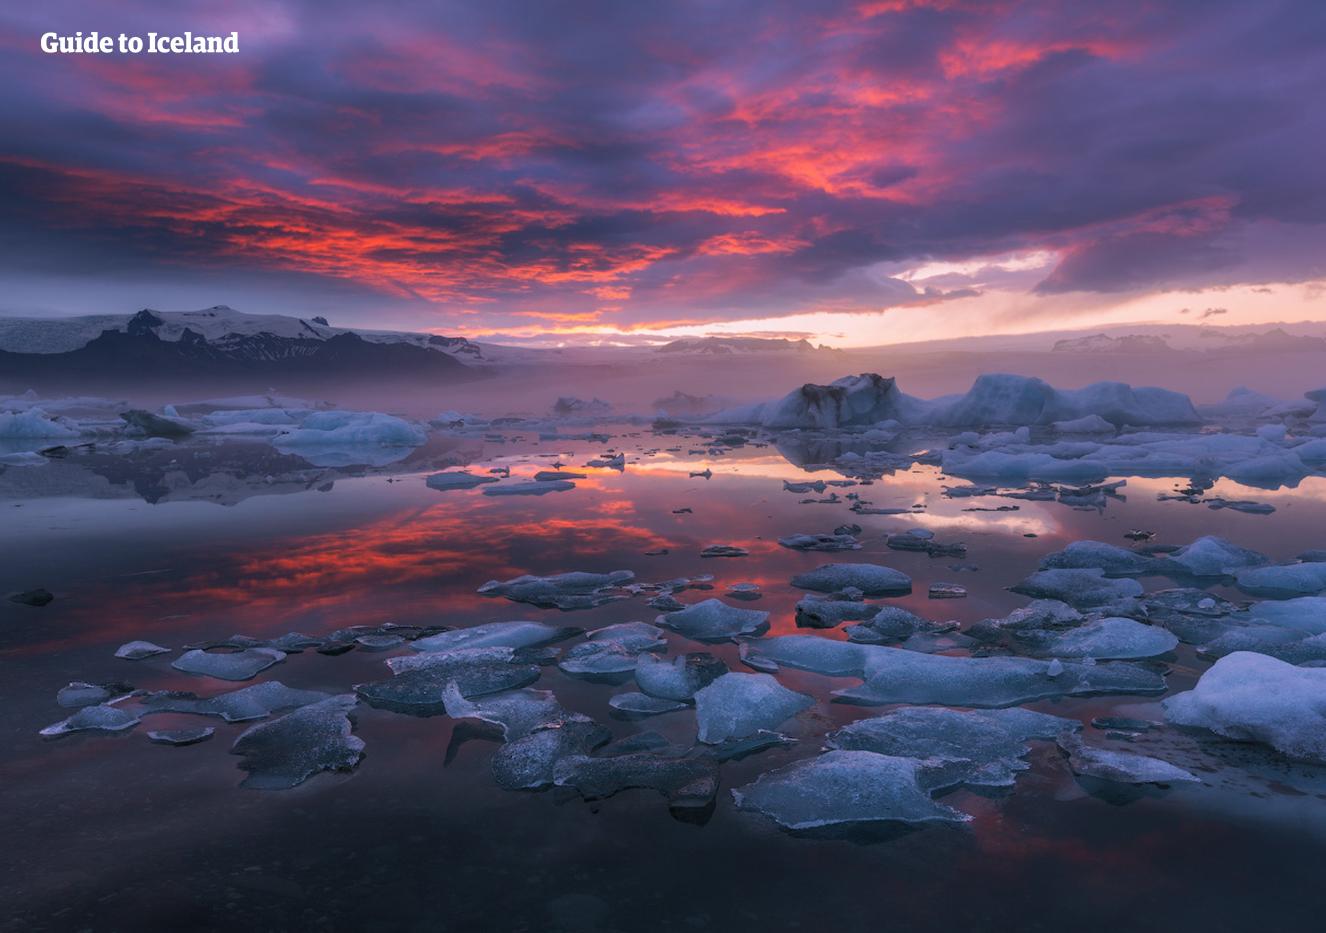 Visita la hermosa laguna glaciar de Jökulsárlón en un tour de verano en coche, y contempla los icebergs que flotan pacíficamente en el agua helada.